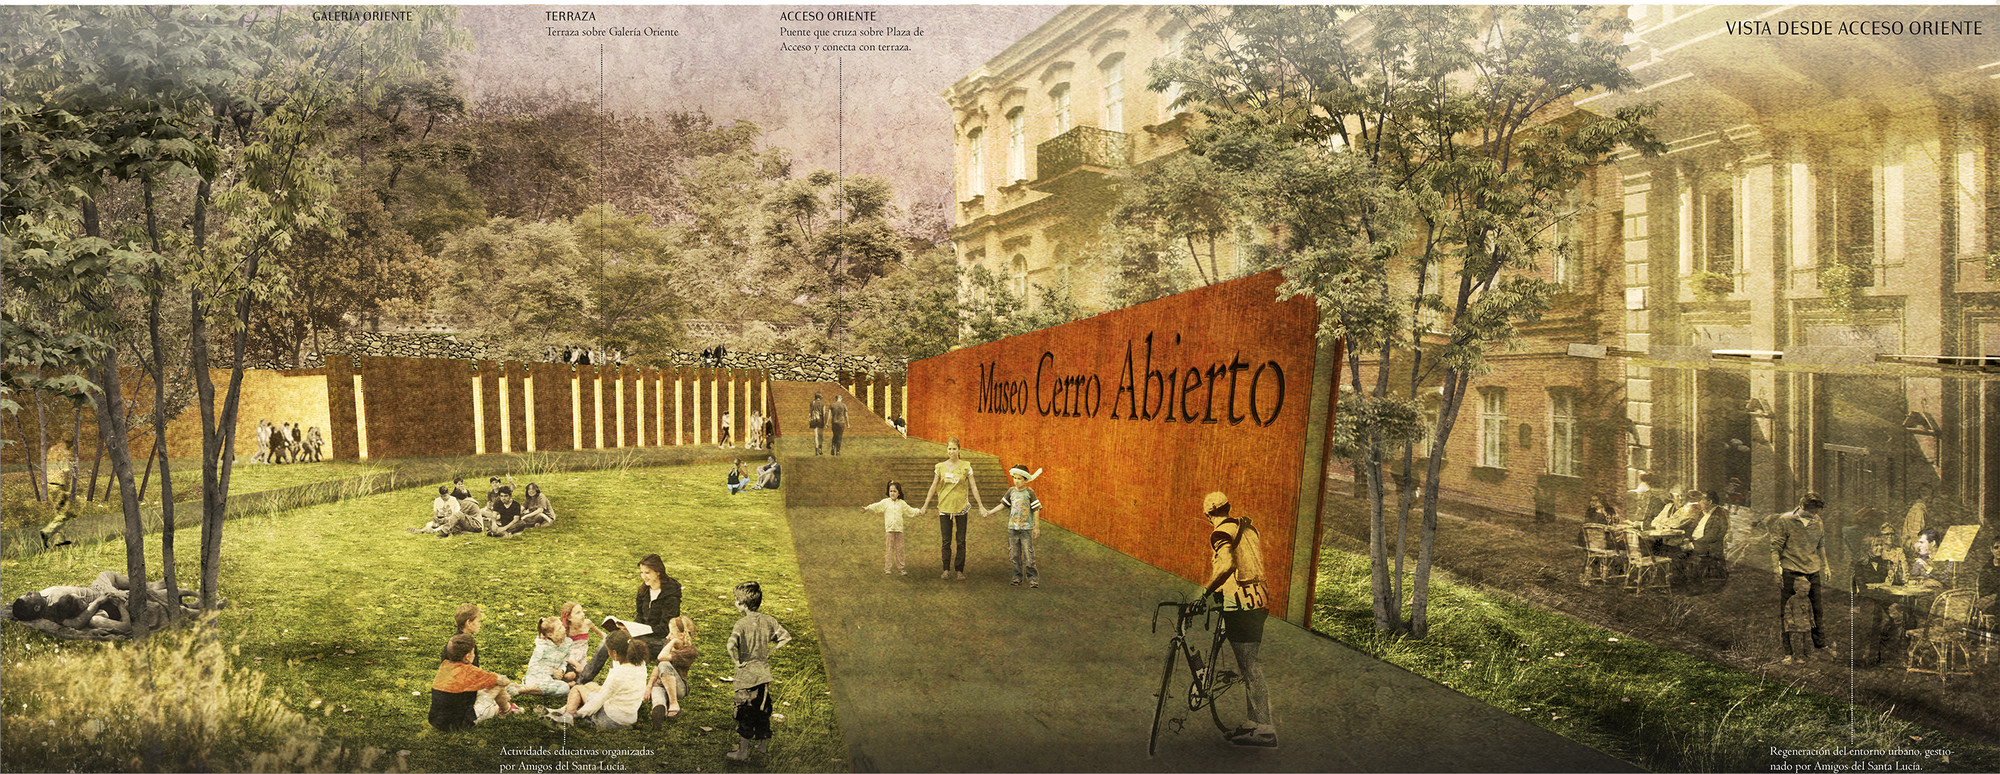 Vista desde acceso oriente. Image Cortesia de Fundación Cerros Isla + Macarena Gaete